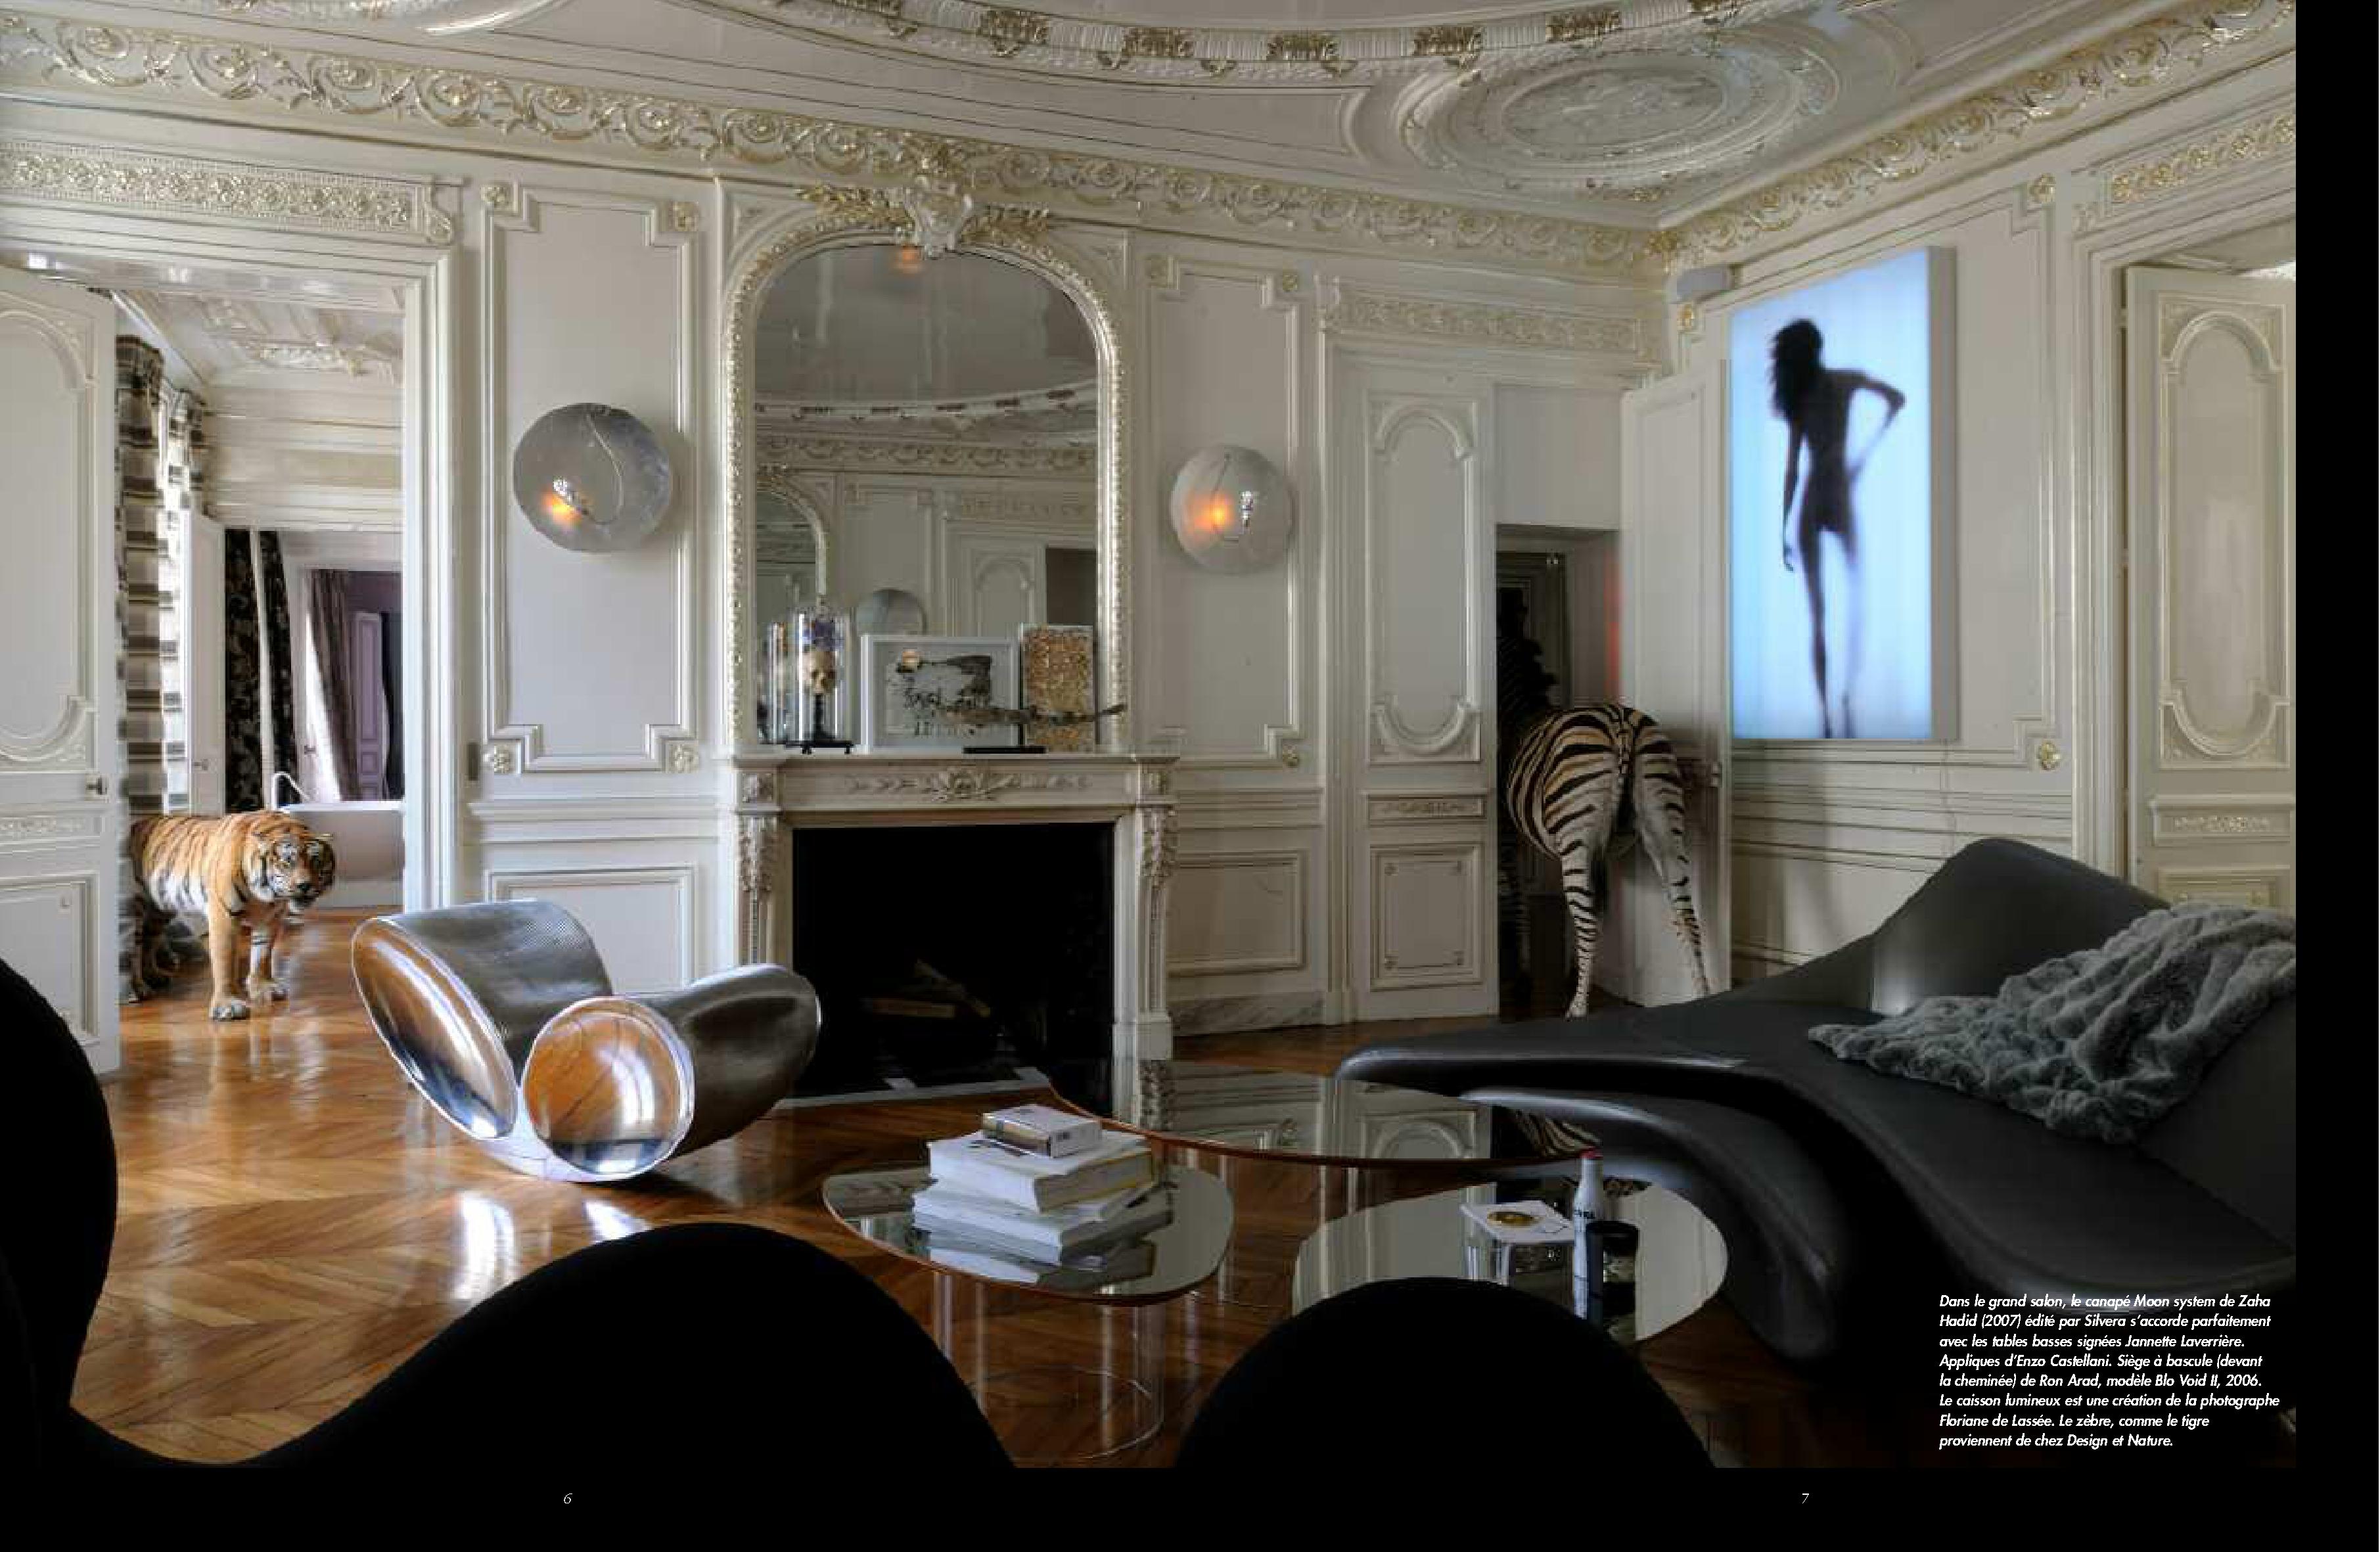 Jeu d 39 illusions et de perspectives les plus beaux int rieurs emmanuelle morice - Les plus beaux interieurs ...